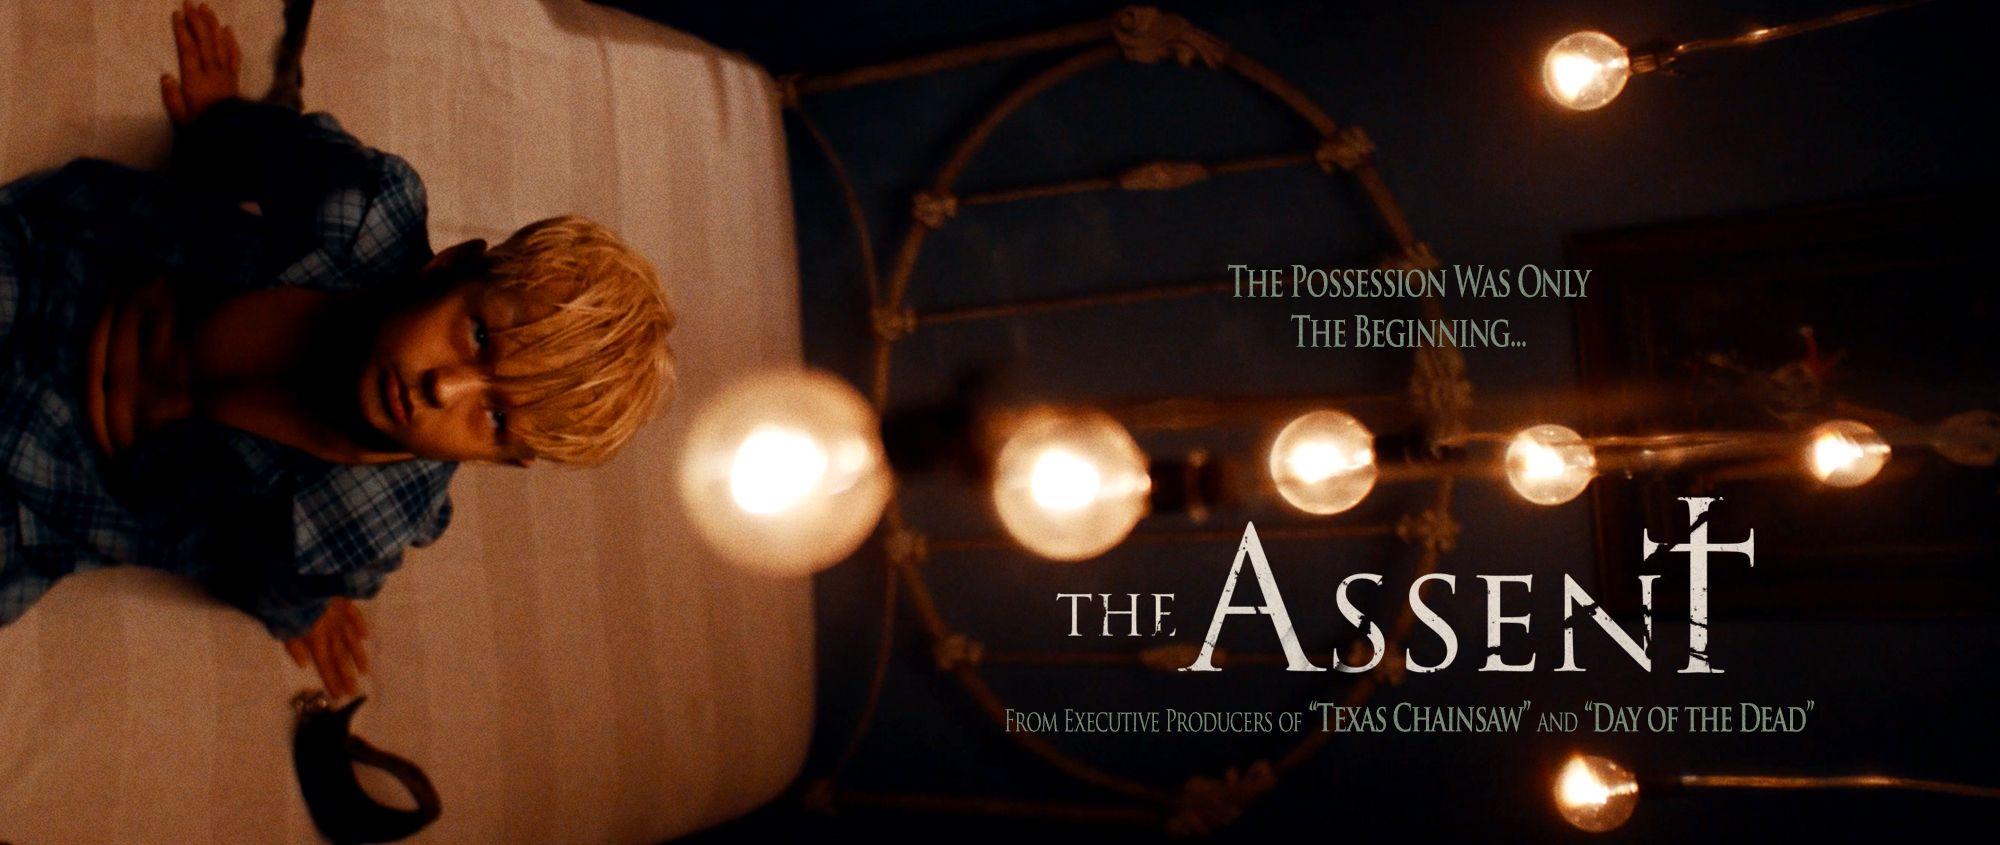 The Assent movie teaser poster https//teasertrailer